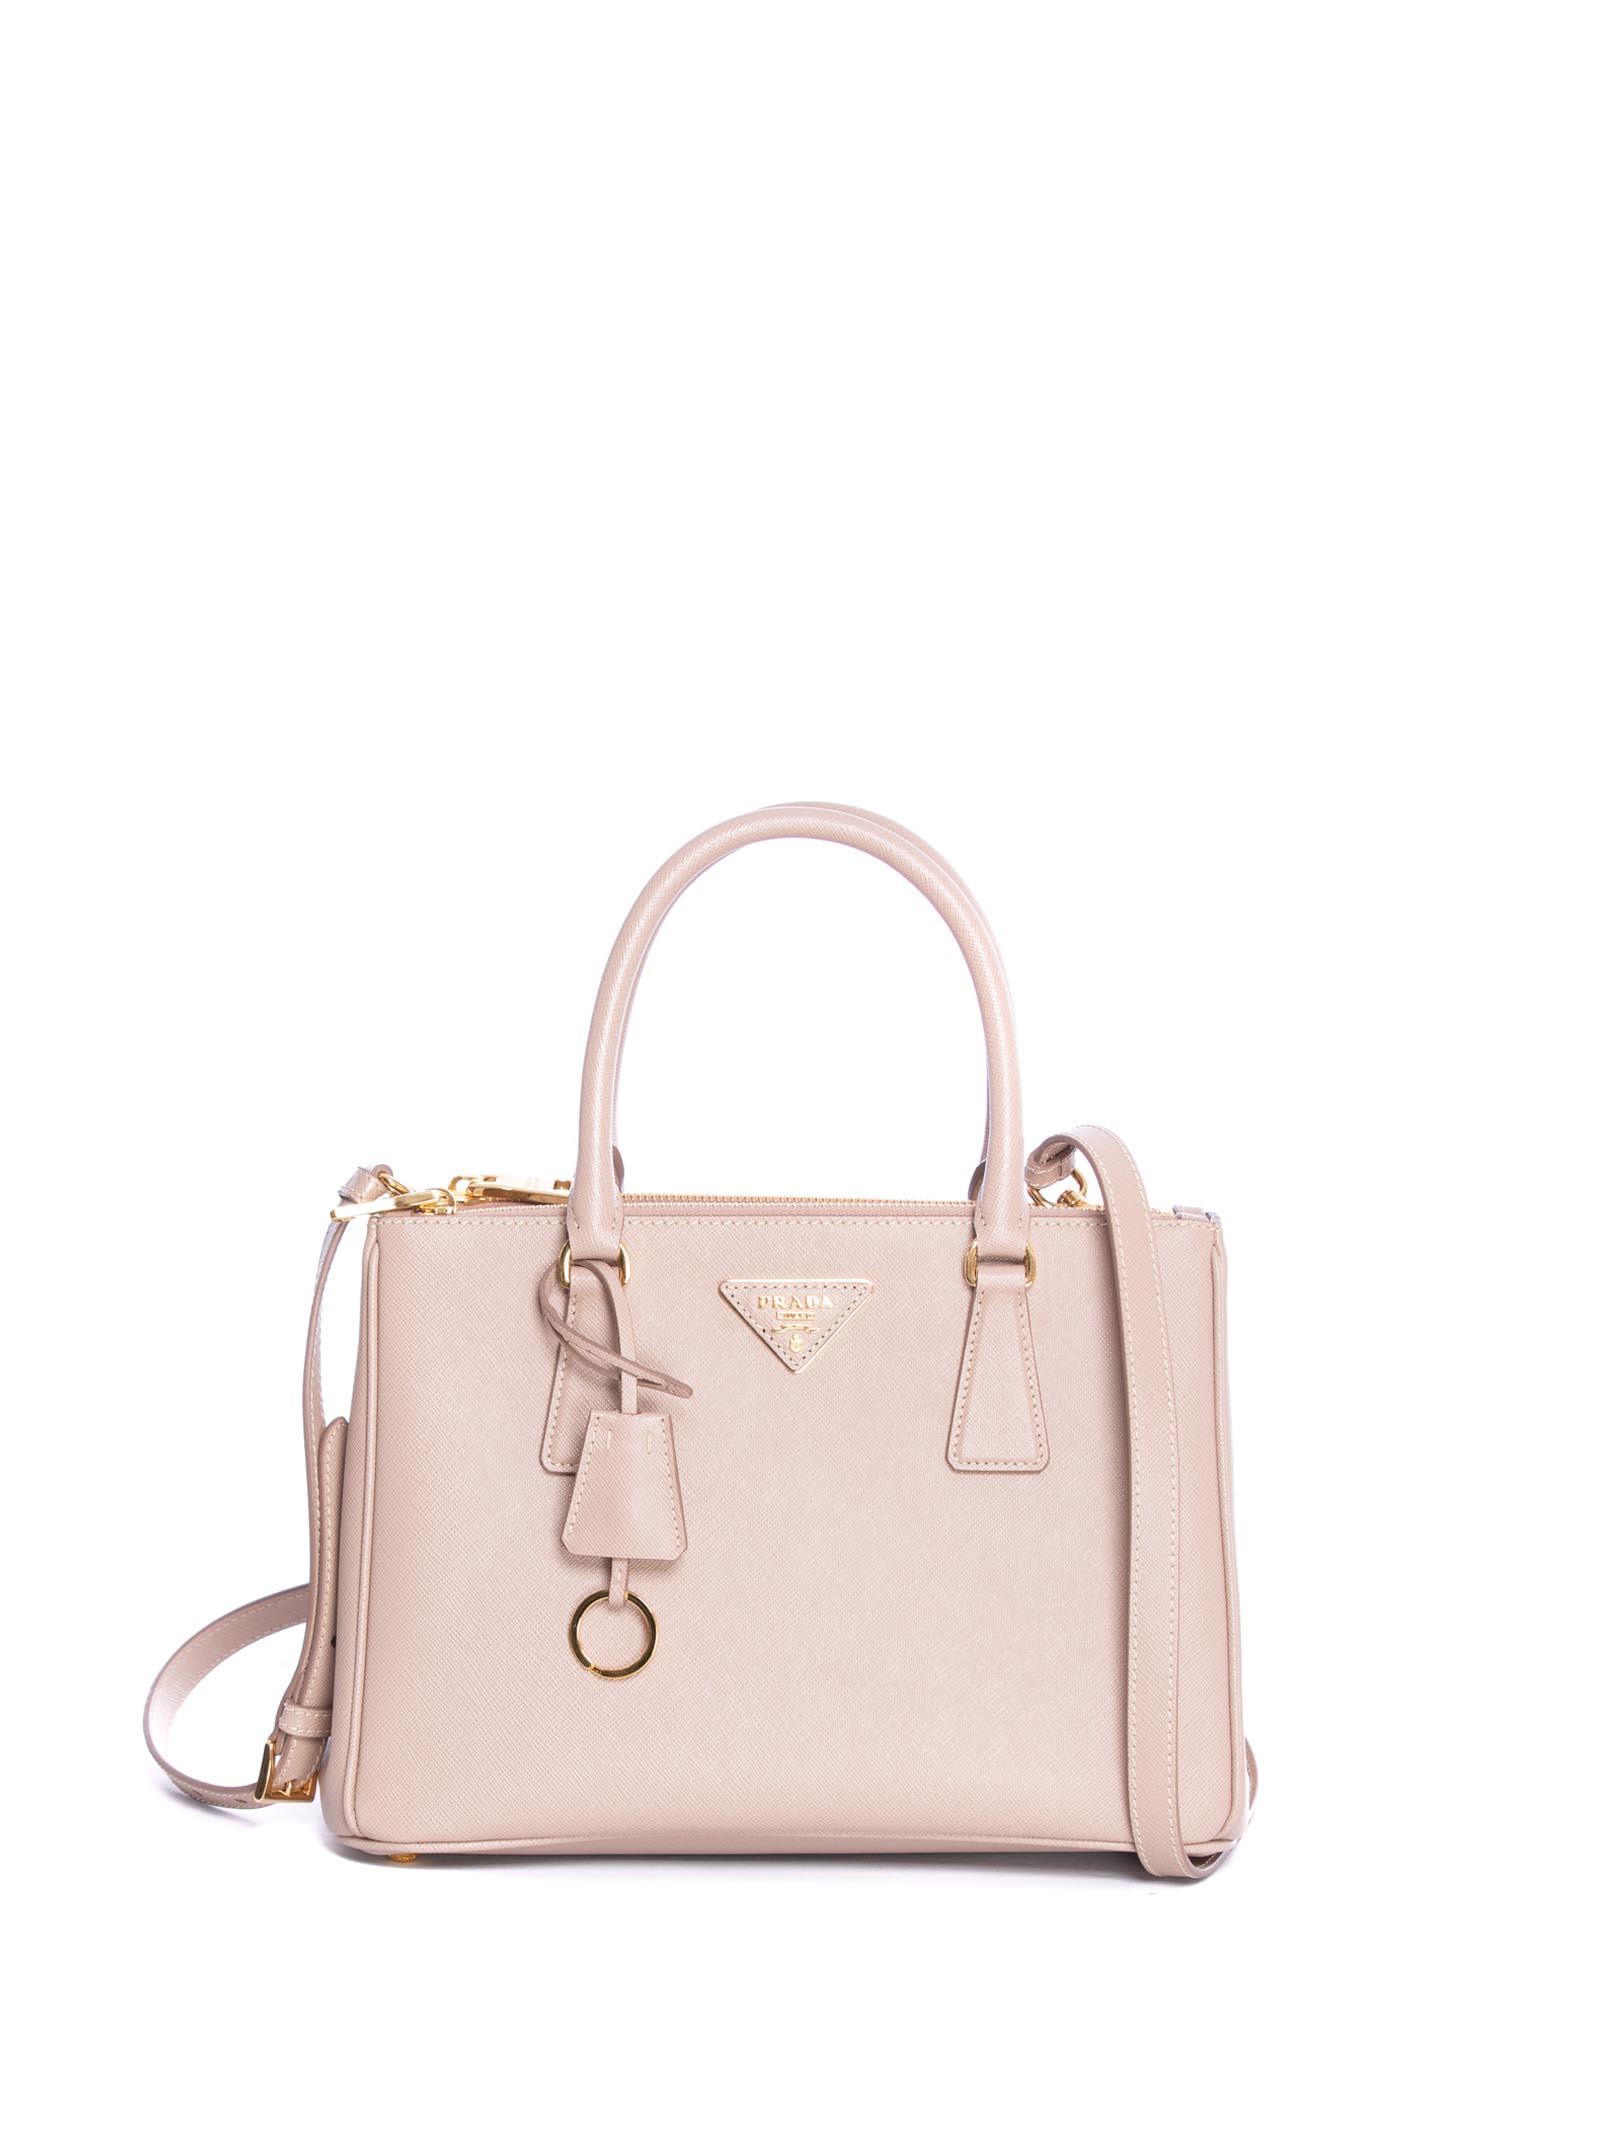 2bf8e5d7d9c0 Prada Prada Prada Galleria Small Bag - CIPRIA - 10834458